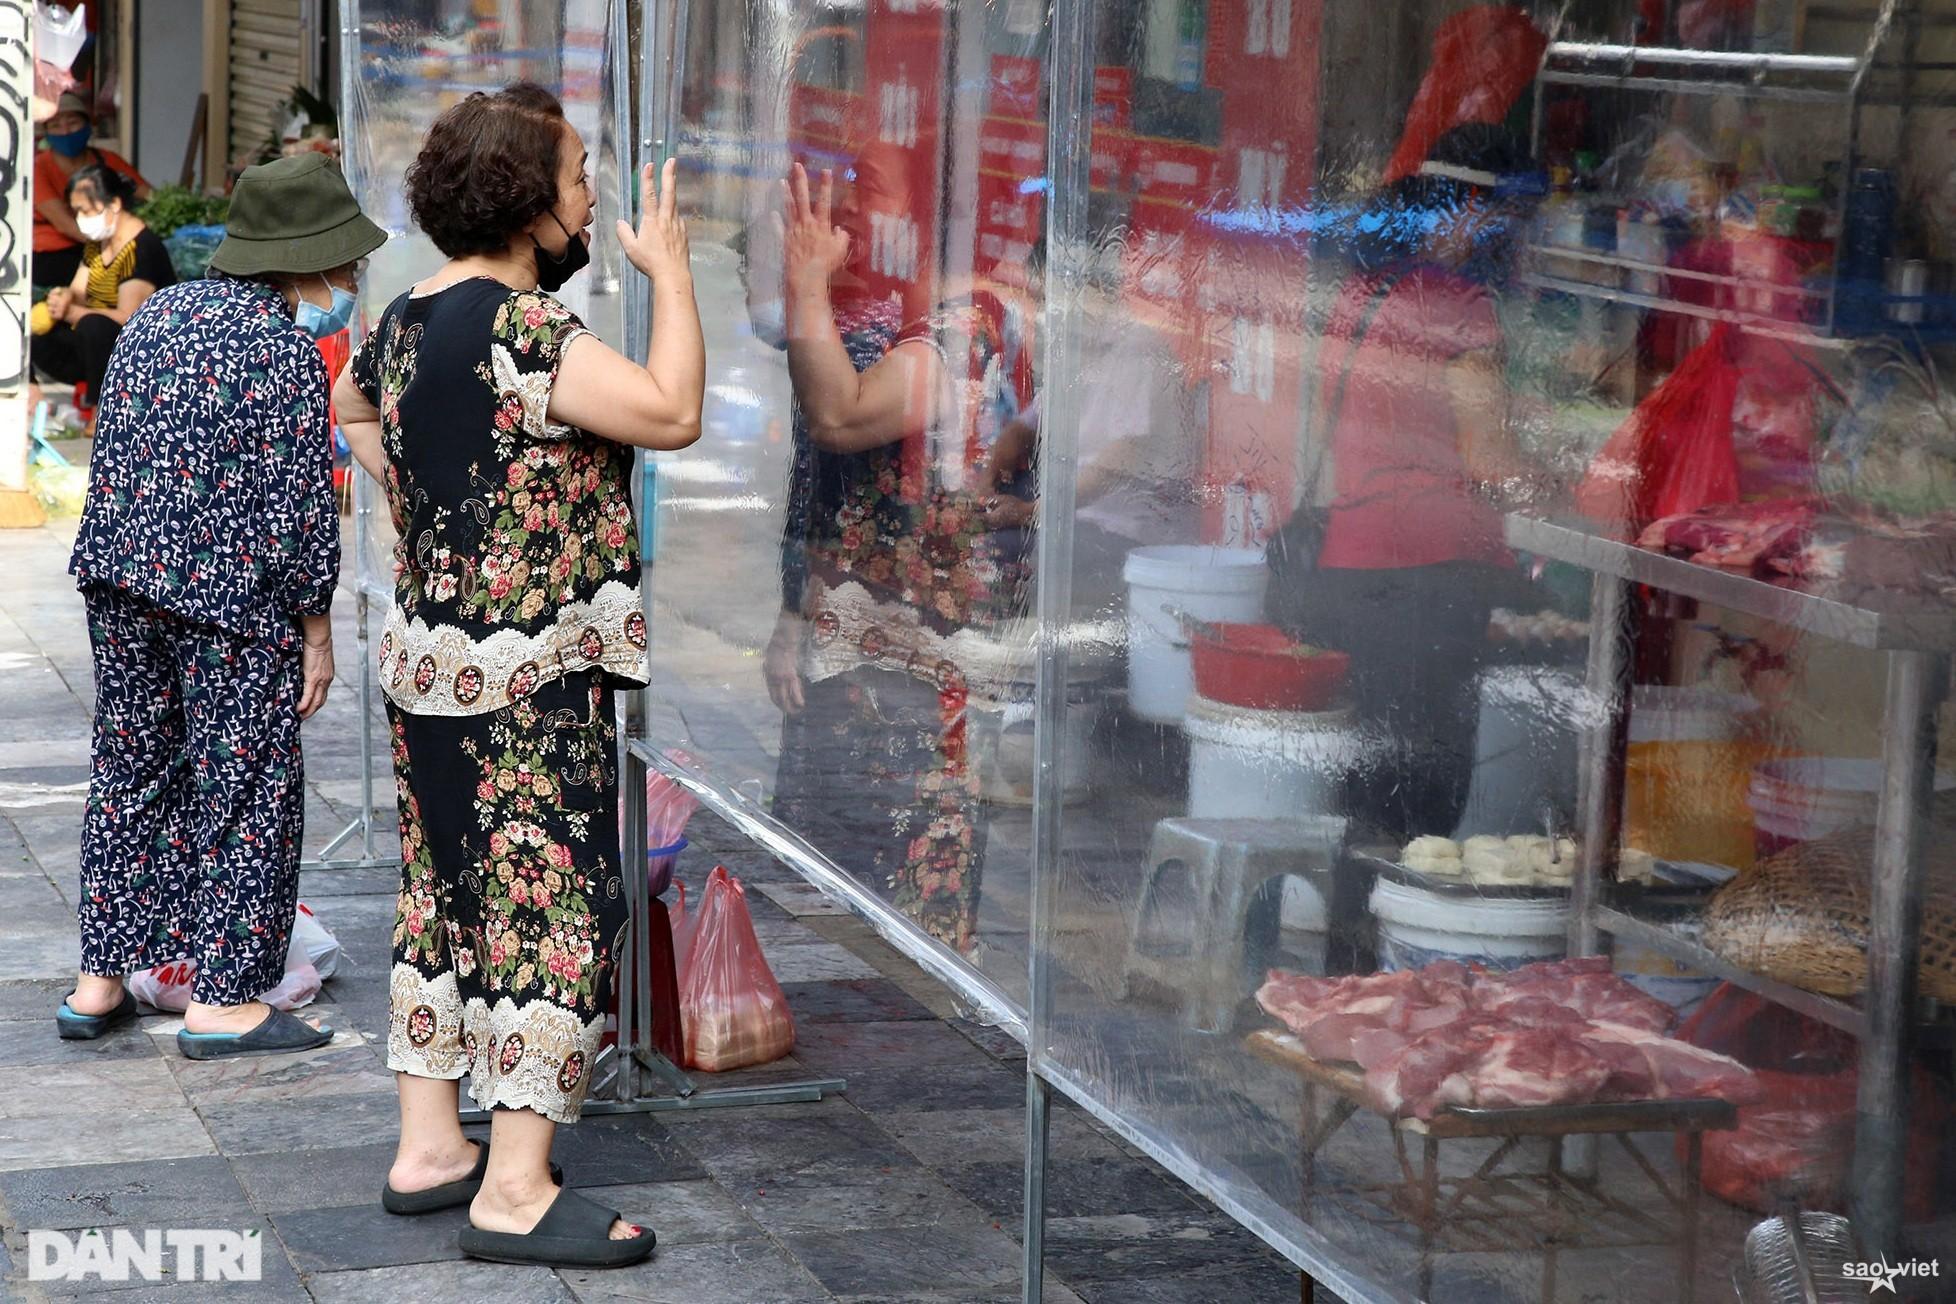 Mới lạ cảnh mua bán bằng ám hiệu ngón tay ở chợ nhà giàu phố cổ Hà Nội - 6